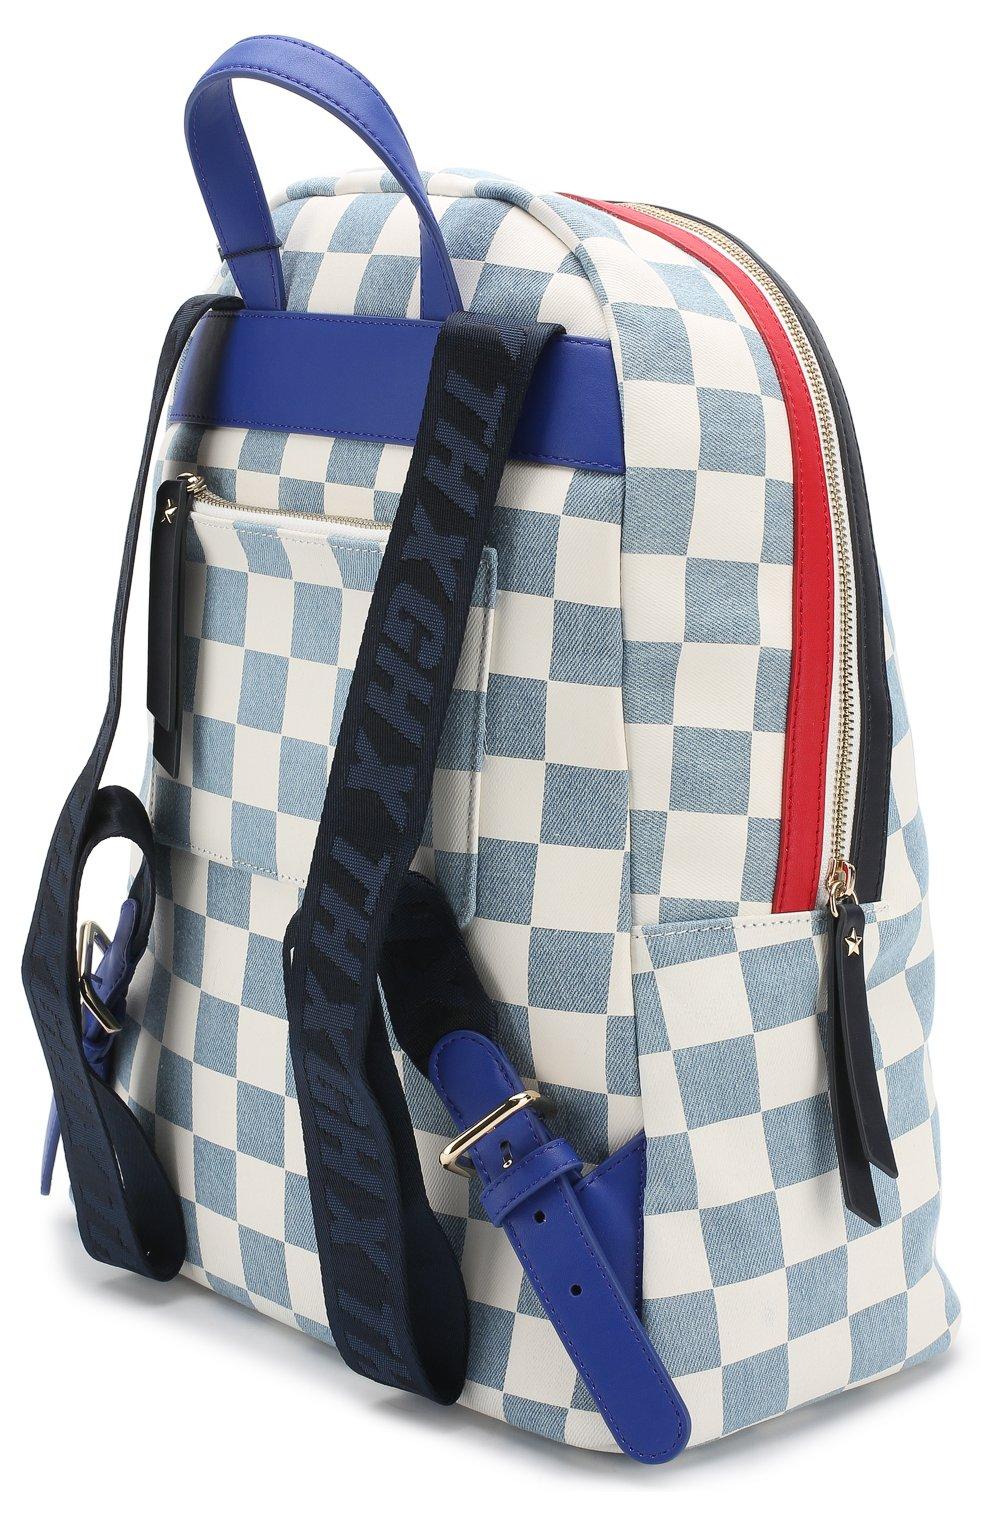 e516136b6c9d Рюкзак Gigi Hadid x Tommy Hilfiger Tommy Hilfiger by Gigi Hadid голубой |  Фото №3